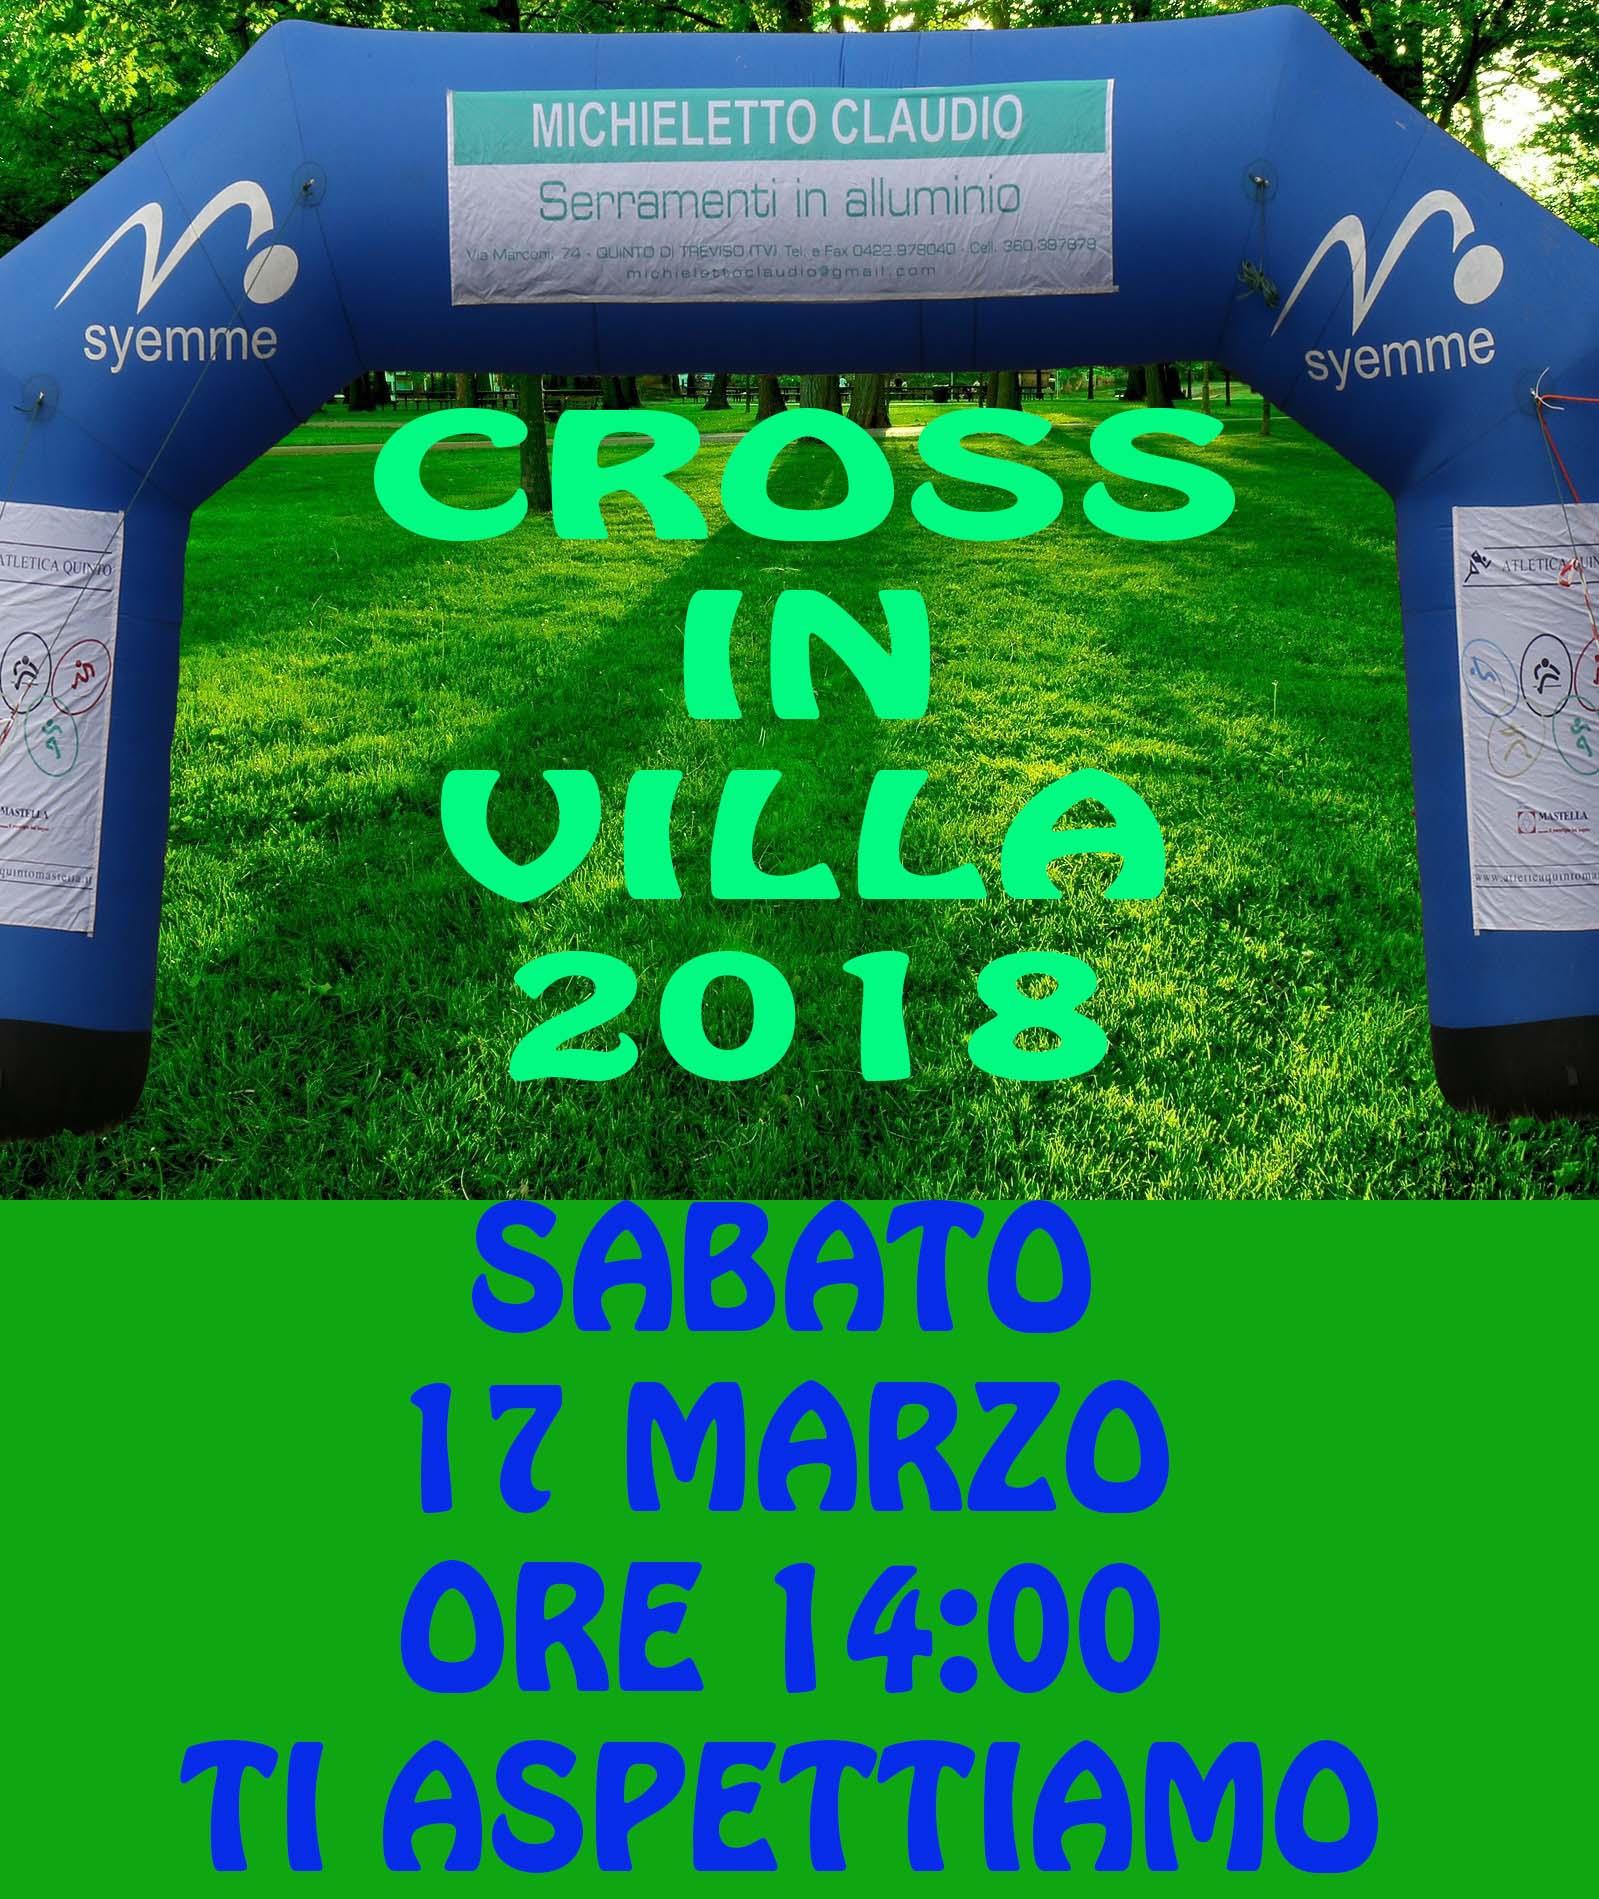 Cross in Villa 2